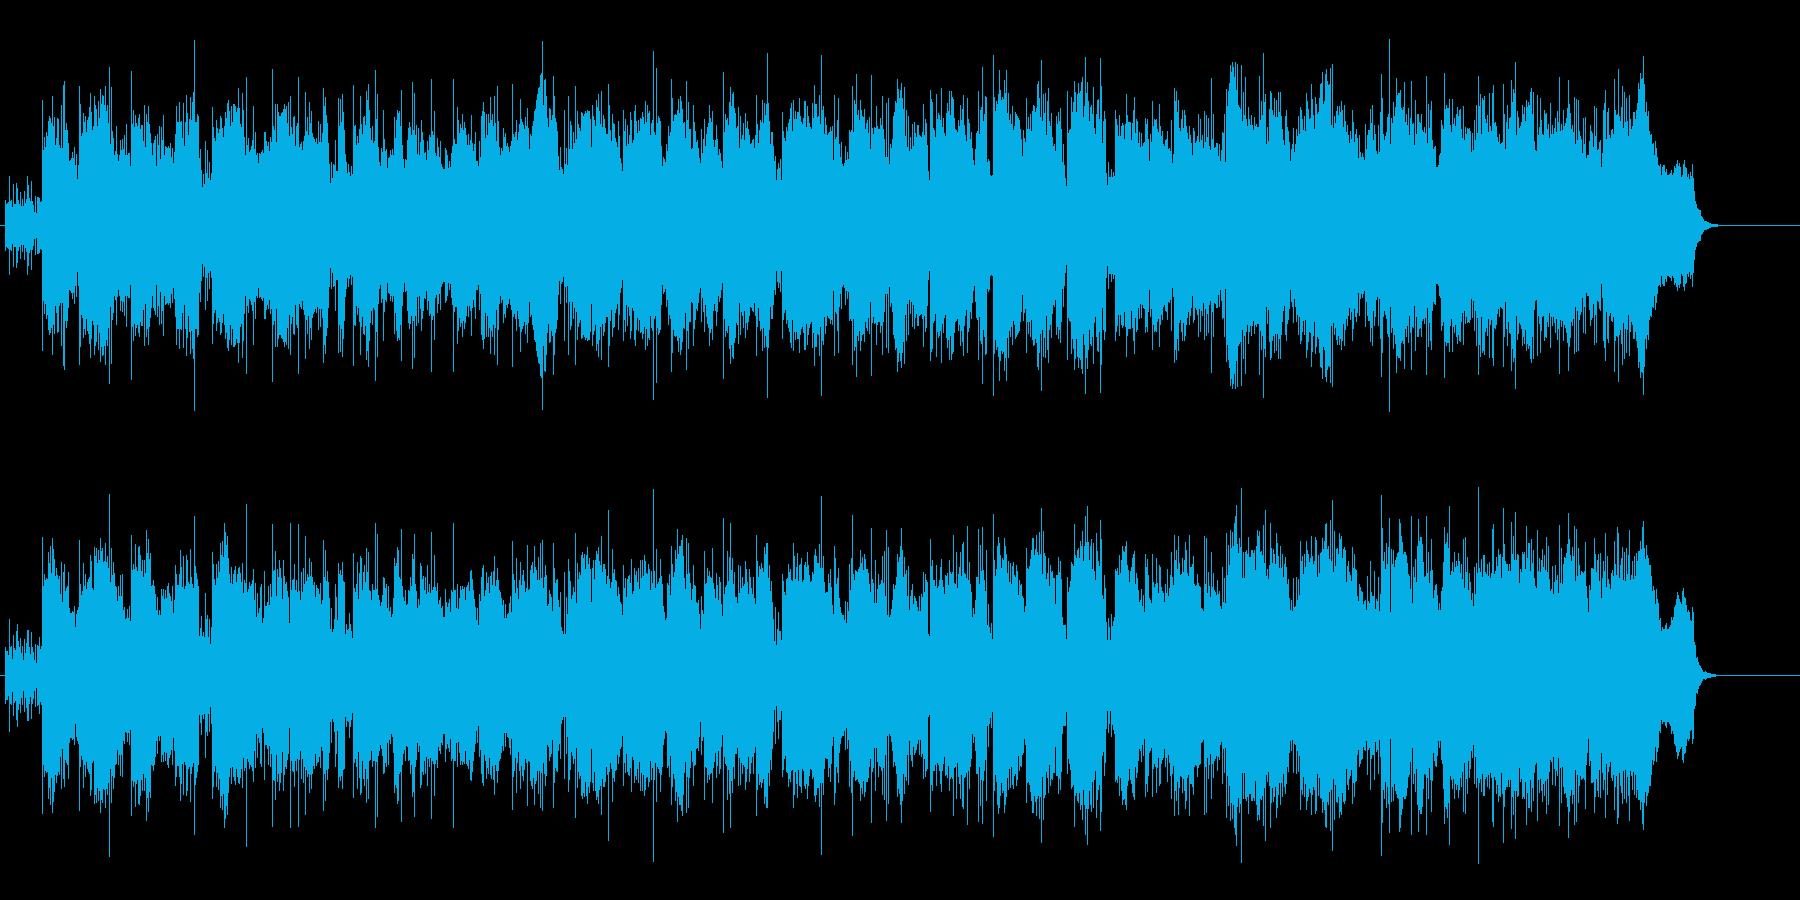 ドキュメント向けシリアス・タッチBGMの再生済みの波形